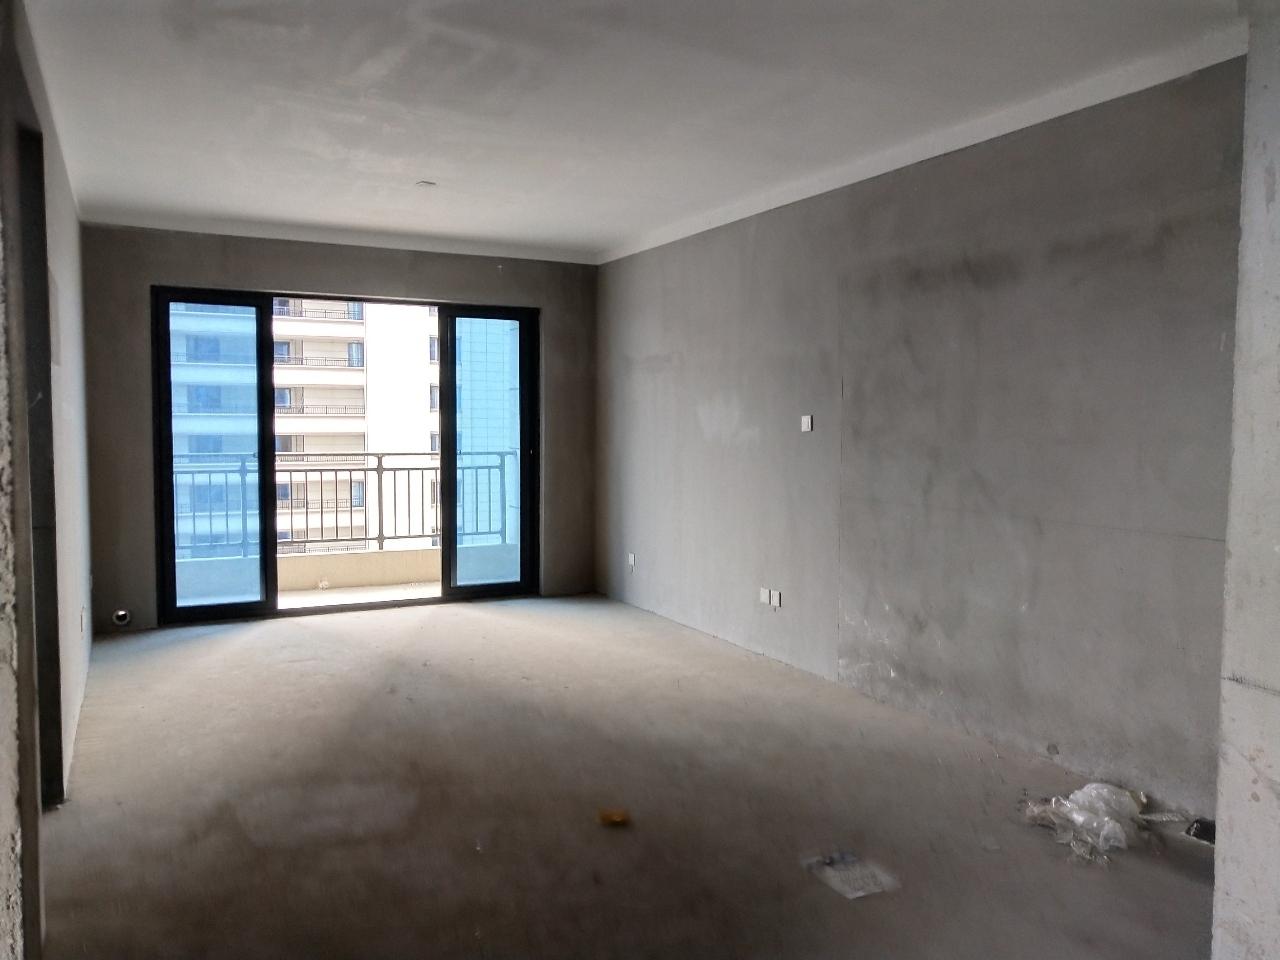 临泉·碧桂园带车位边户3室 1厅 1卫77万元